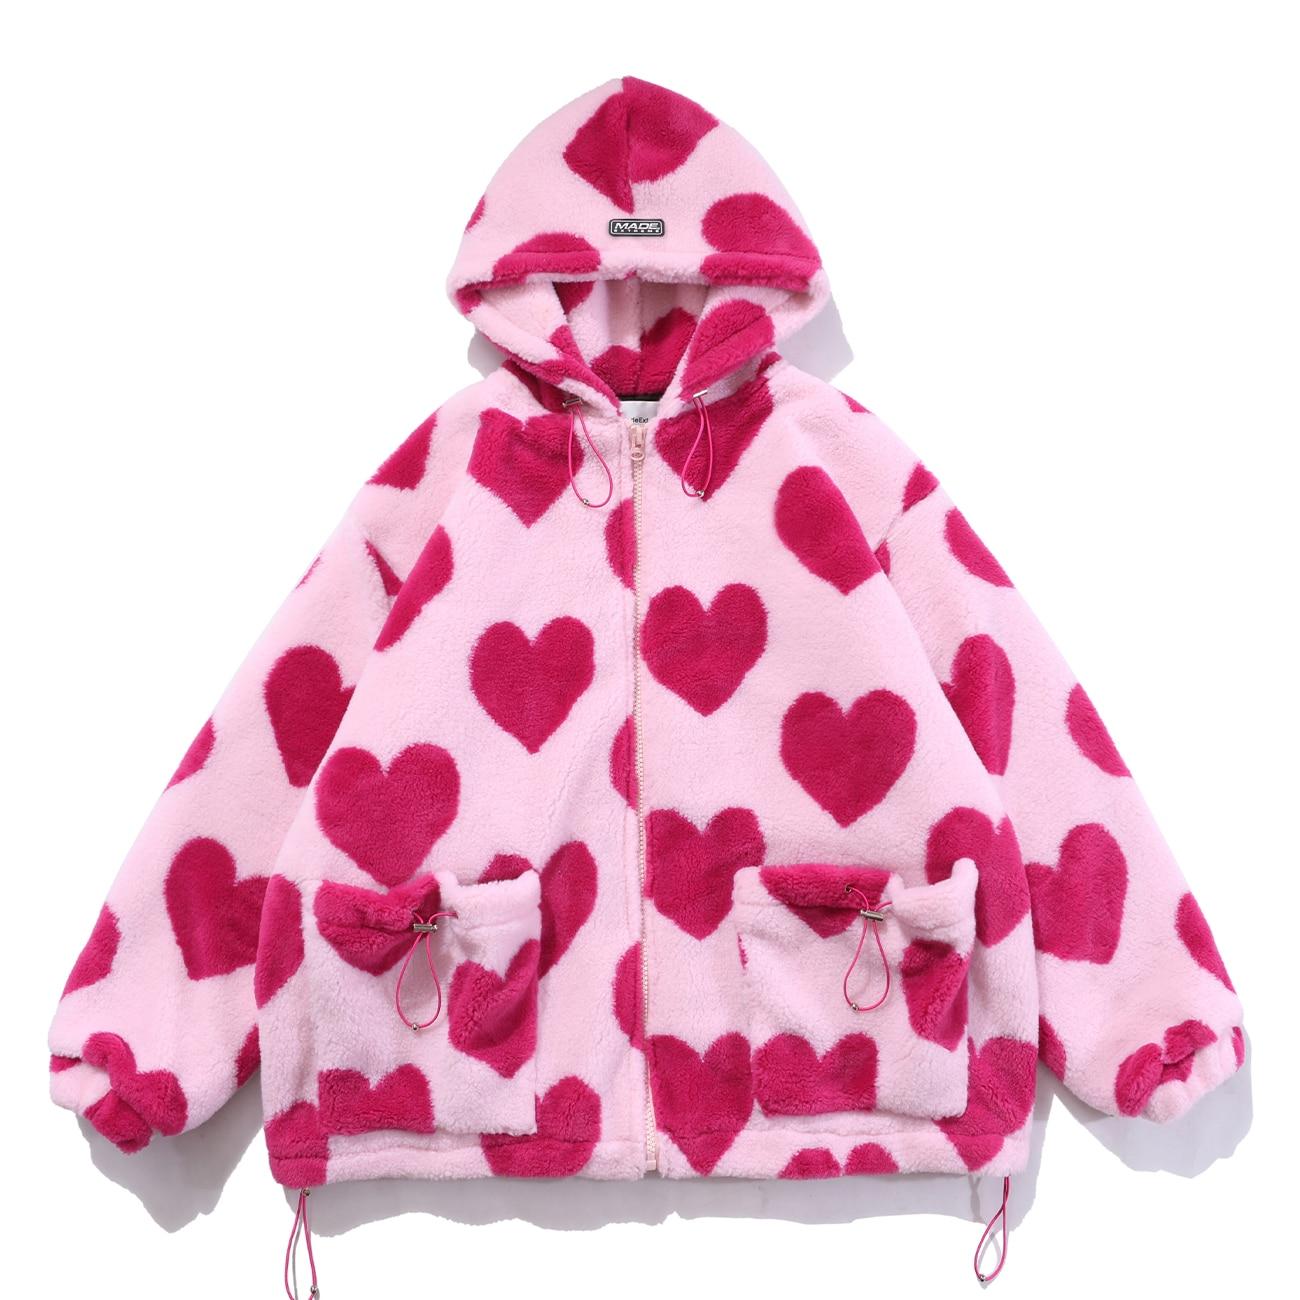 معطف شيربا موضة 2021 لعيد الحب مطبوع على شكل قلب سترة هيب هوب سميكة باركا امبسوول شتوي للرجال والنساء ملابس خروج خارجية فروي